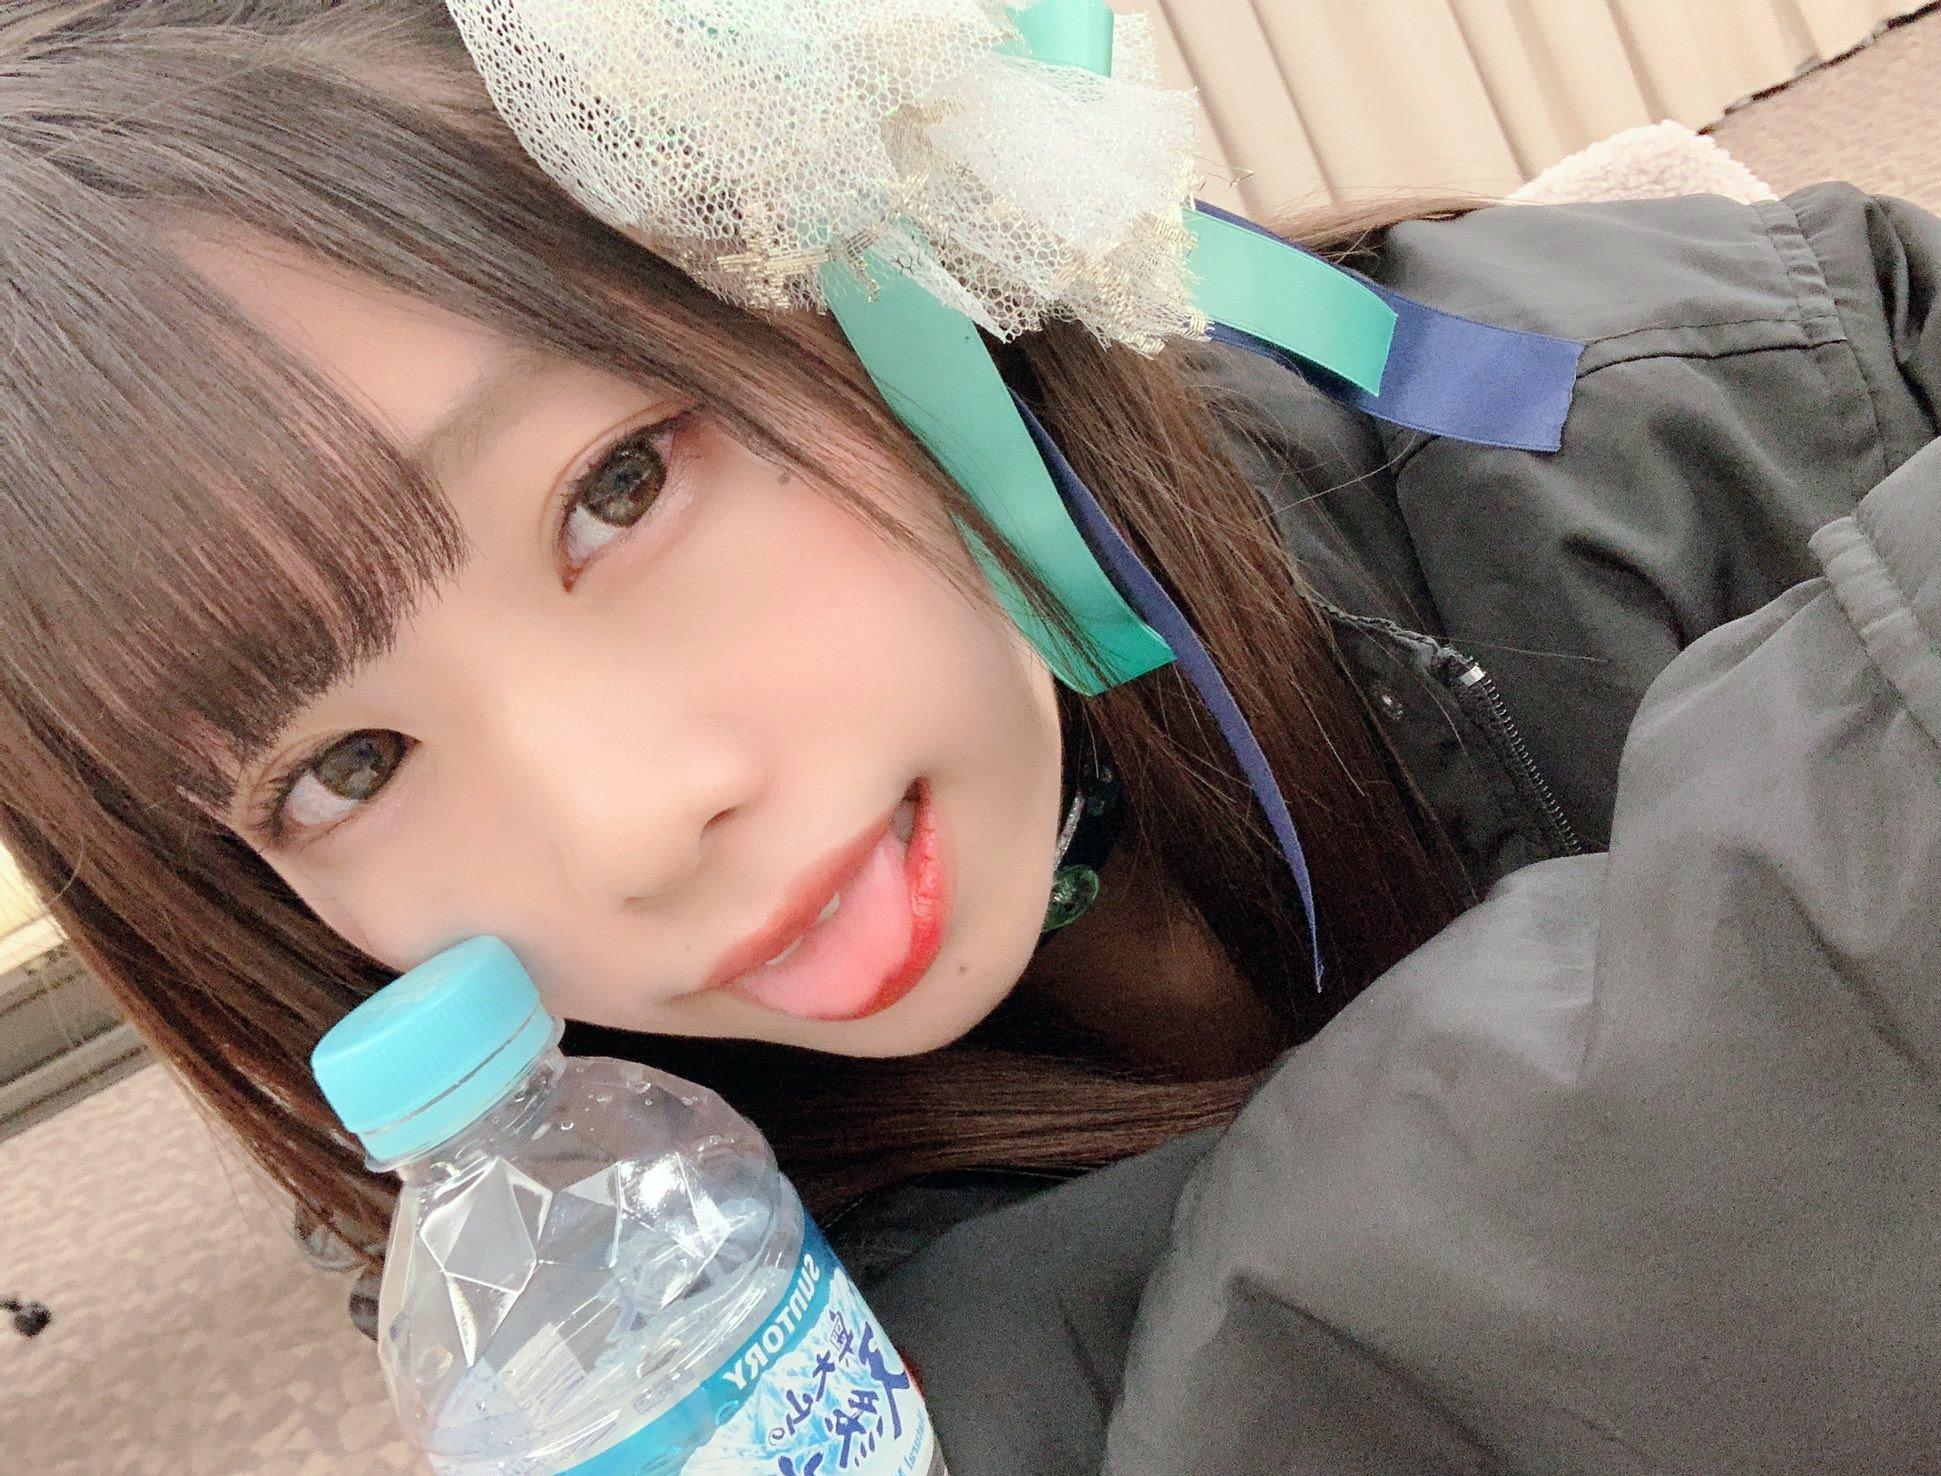 双葉凛乃のペロ舌出し (25)